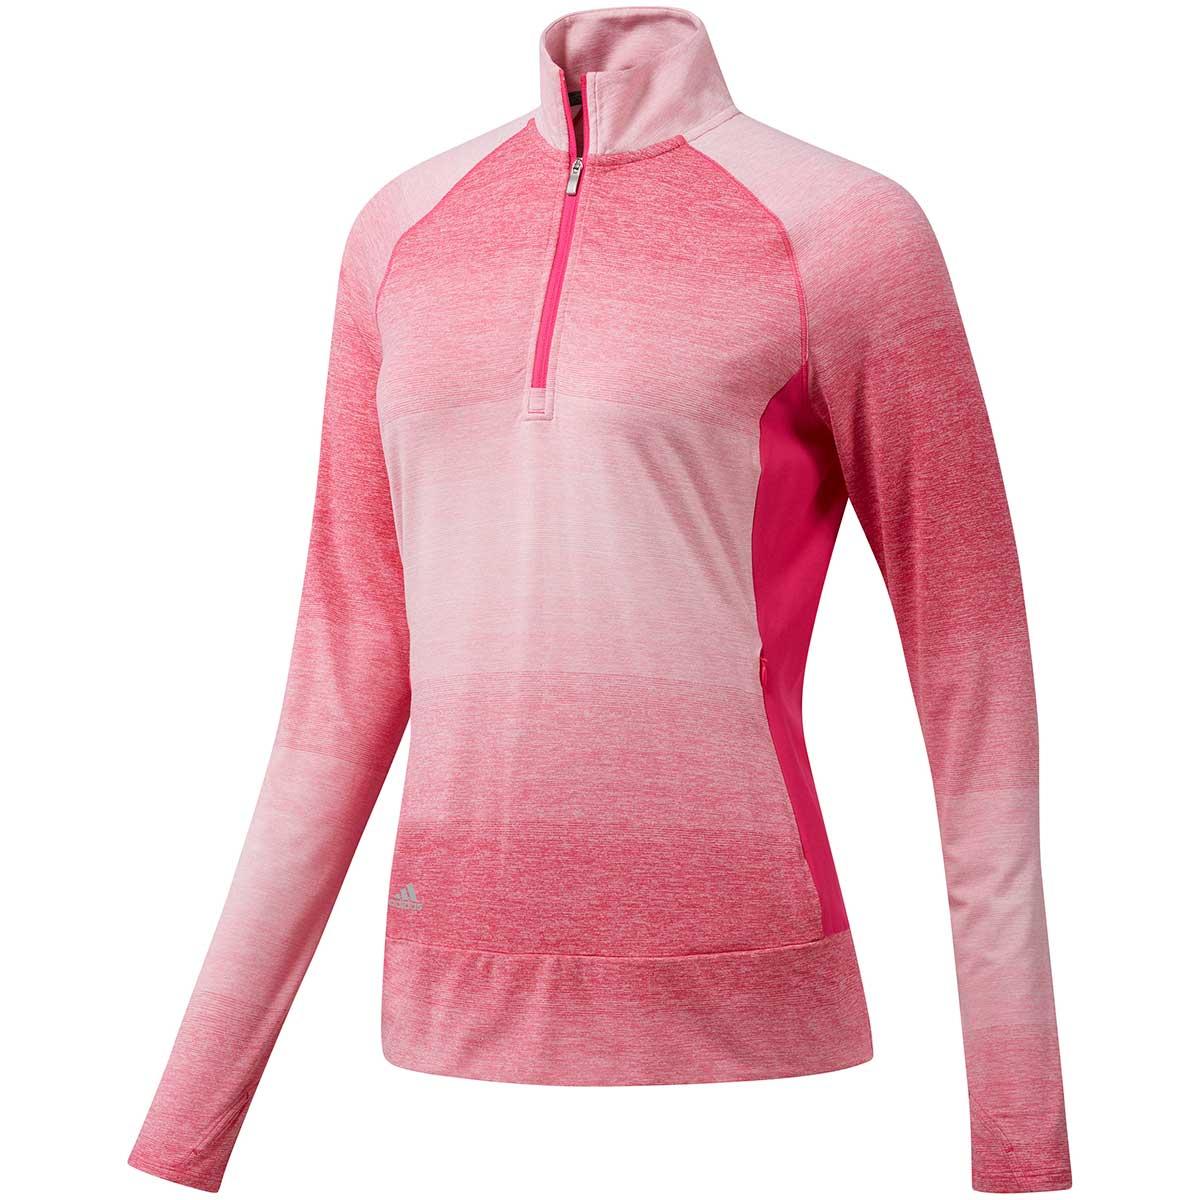 Adidas Women's Rangewear 1/2 Zip Shocking Pink Pullover